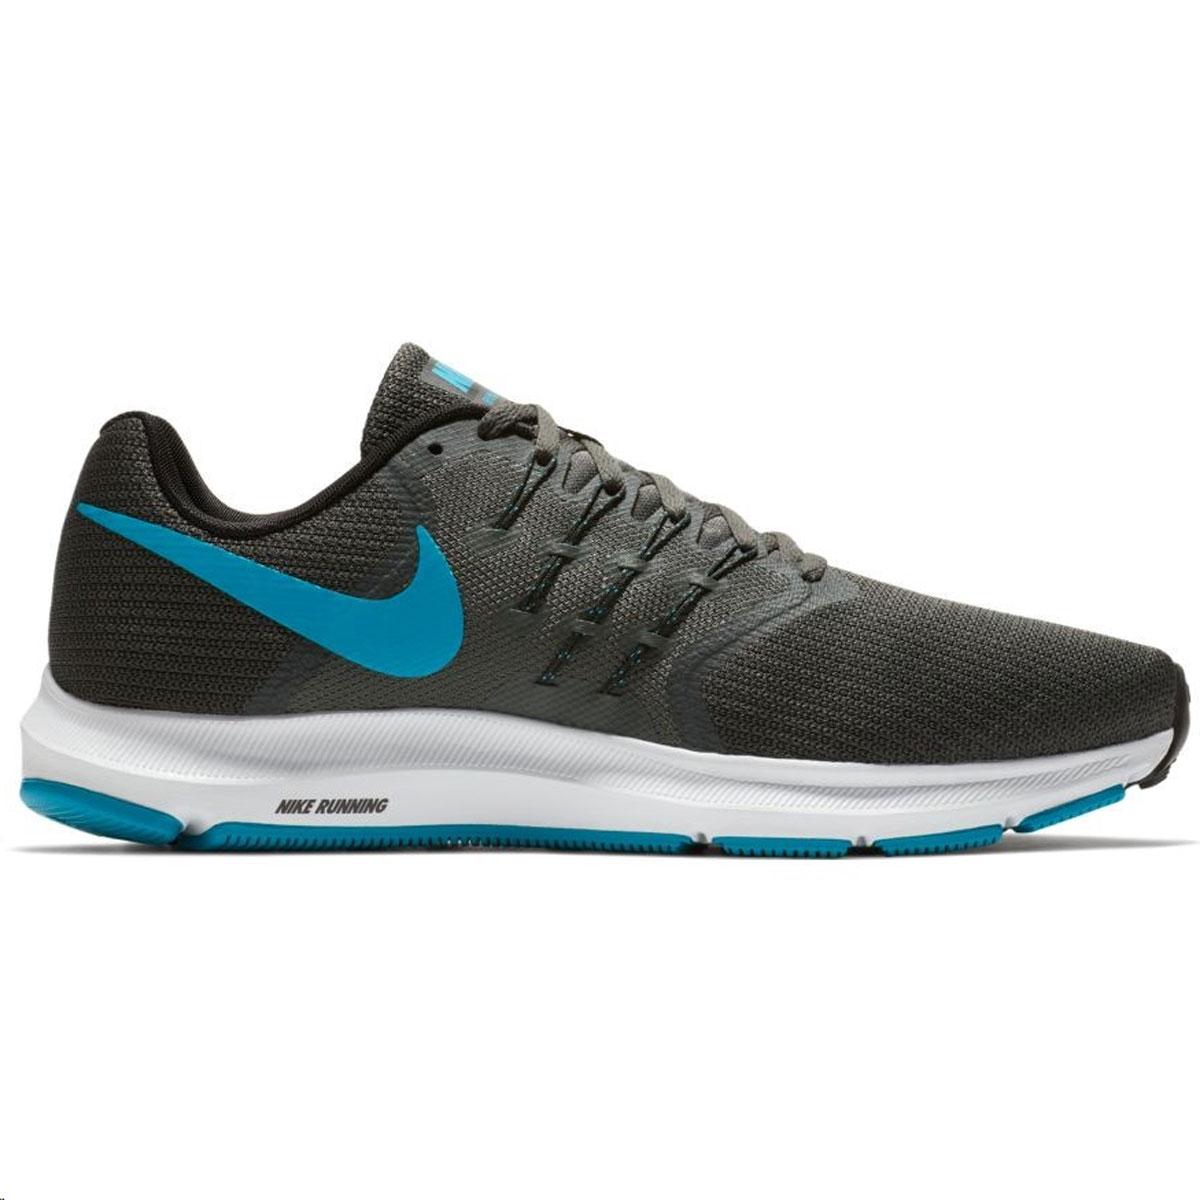 Кроссовки для бега мужские Nike Run Swift Running Shoe, цвет: темно-серый. 908989-014. Размер 8,5 (41)908989-014Мужские беговые кроссовки Nike Run Swift идеально сидят на ноге благодаря дышащей сетке в передней части стопы и на пятке и сетке с плотным переплетением в средней части стопы для поддержки. Интегрированные нити Flywire надежно фиксируют среднюю часть стопы, а пеноматериал Cushlon создает амортизацию. Конструкция из сетки обеспечивает зональную вентиляцию и поддержку. Шнурки с интегрированными нитями Flywire для регулируемой поддержки. Подошва с вафельным рисунком повышает амортизацию и упругость. Сетка с плотным плетением на боковой части создает надежную поддержку, не жертвуя воздухопроницаемостью. Пеноматериал Cushlon обеспечивает мягкую, но упругую амортизацию и поддержку.